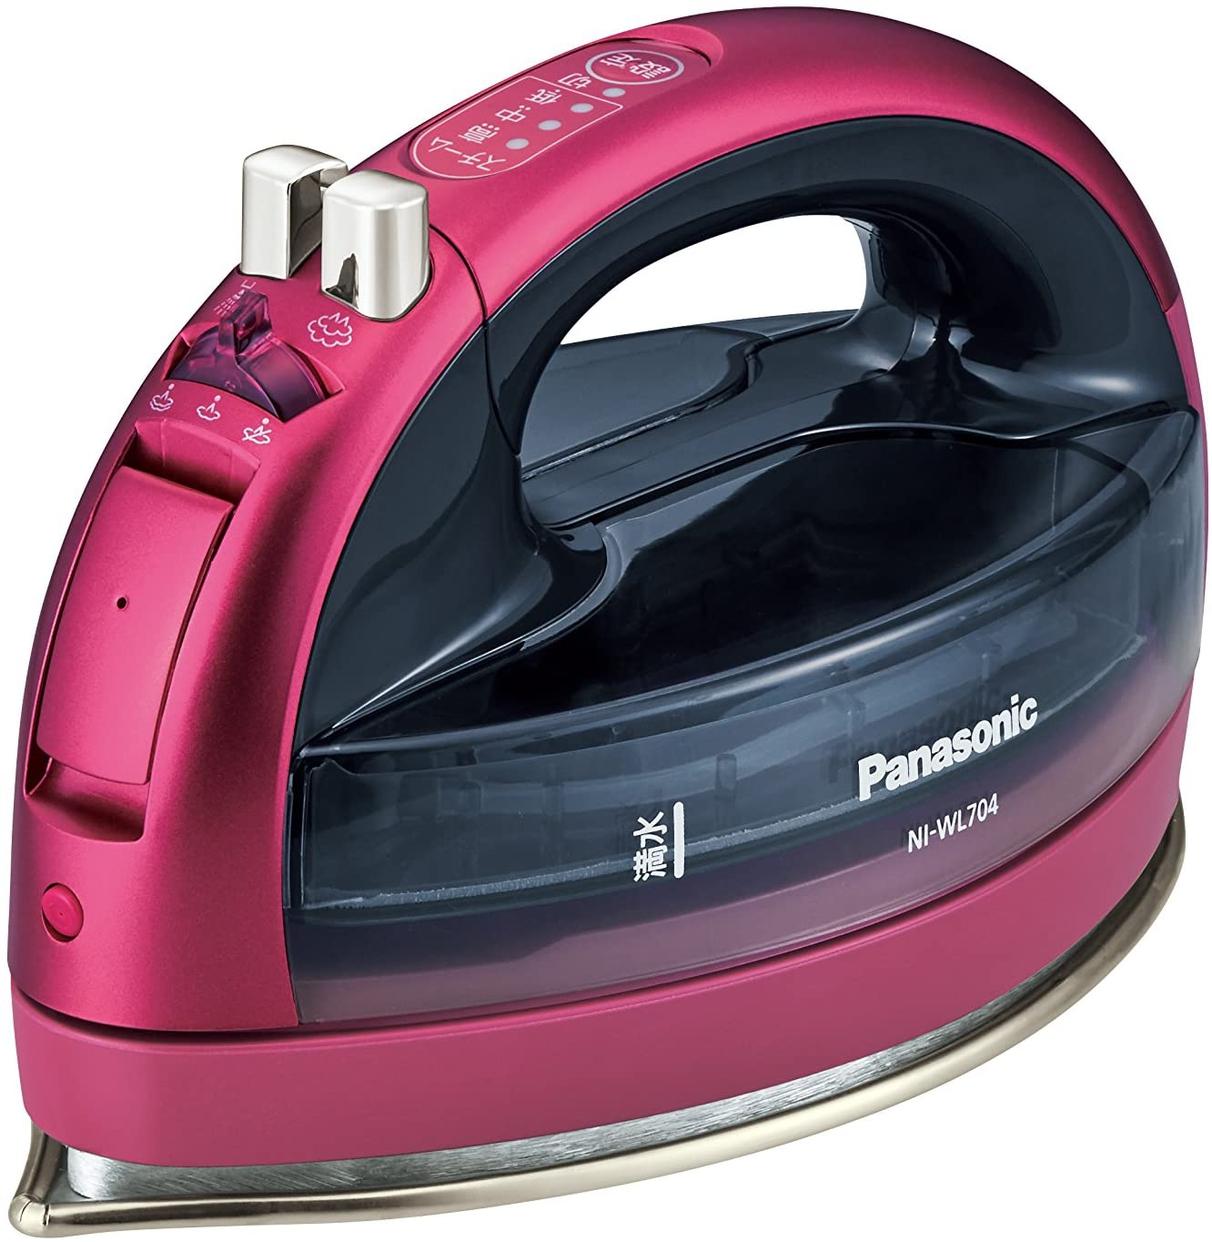 Panasonic(パナソニック) コードレススチームアイロン NI-WL704の商品画像